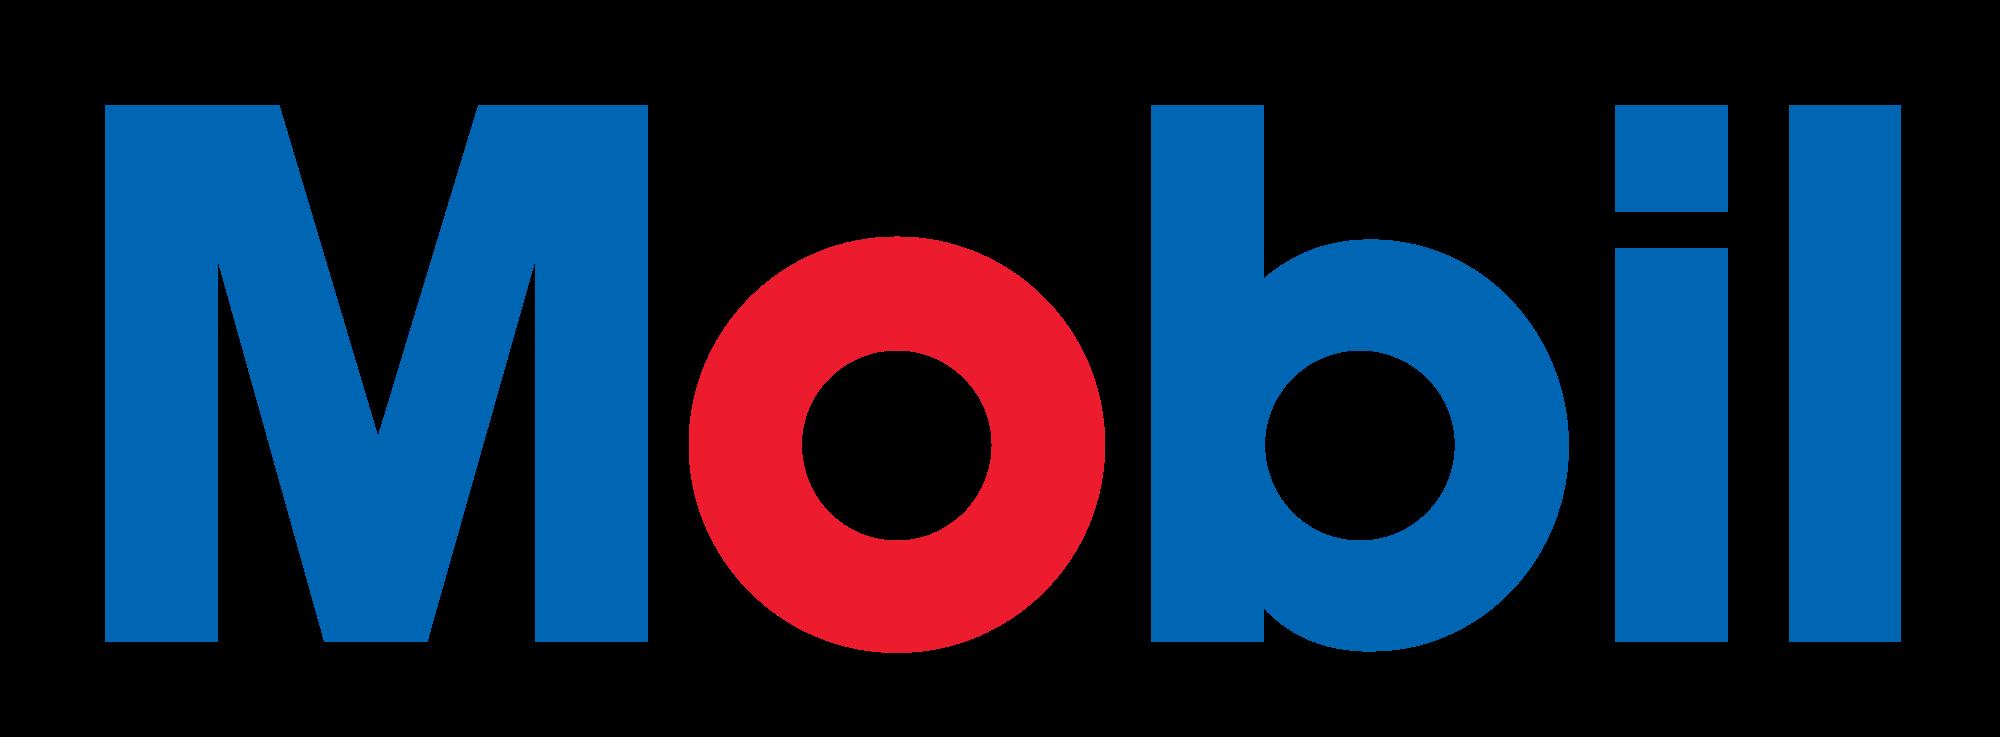 exxonmobil logo png transparent exxonmobil logopng images